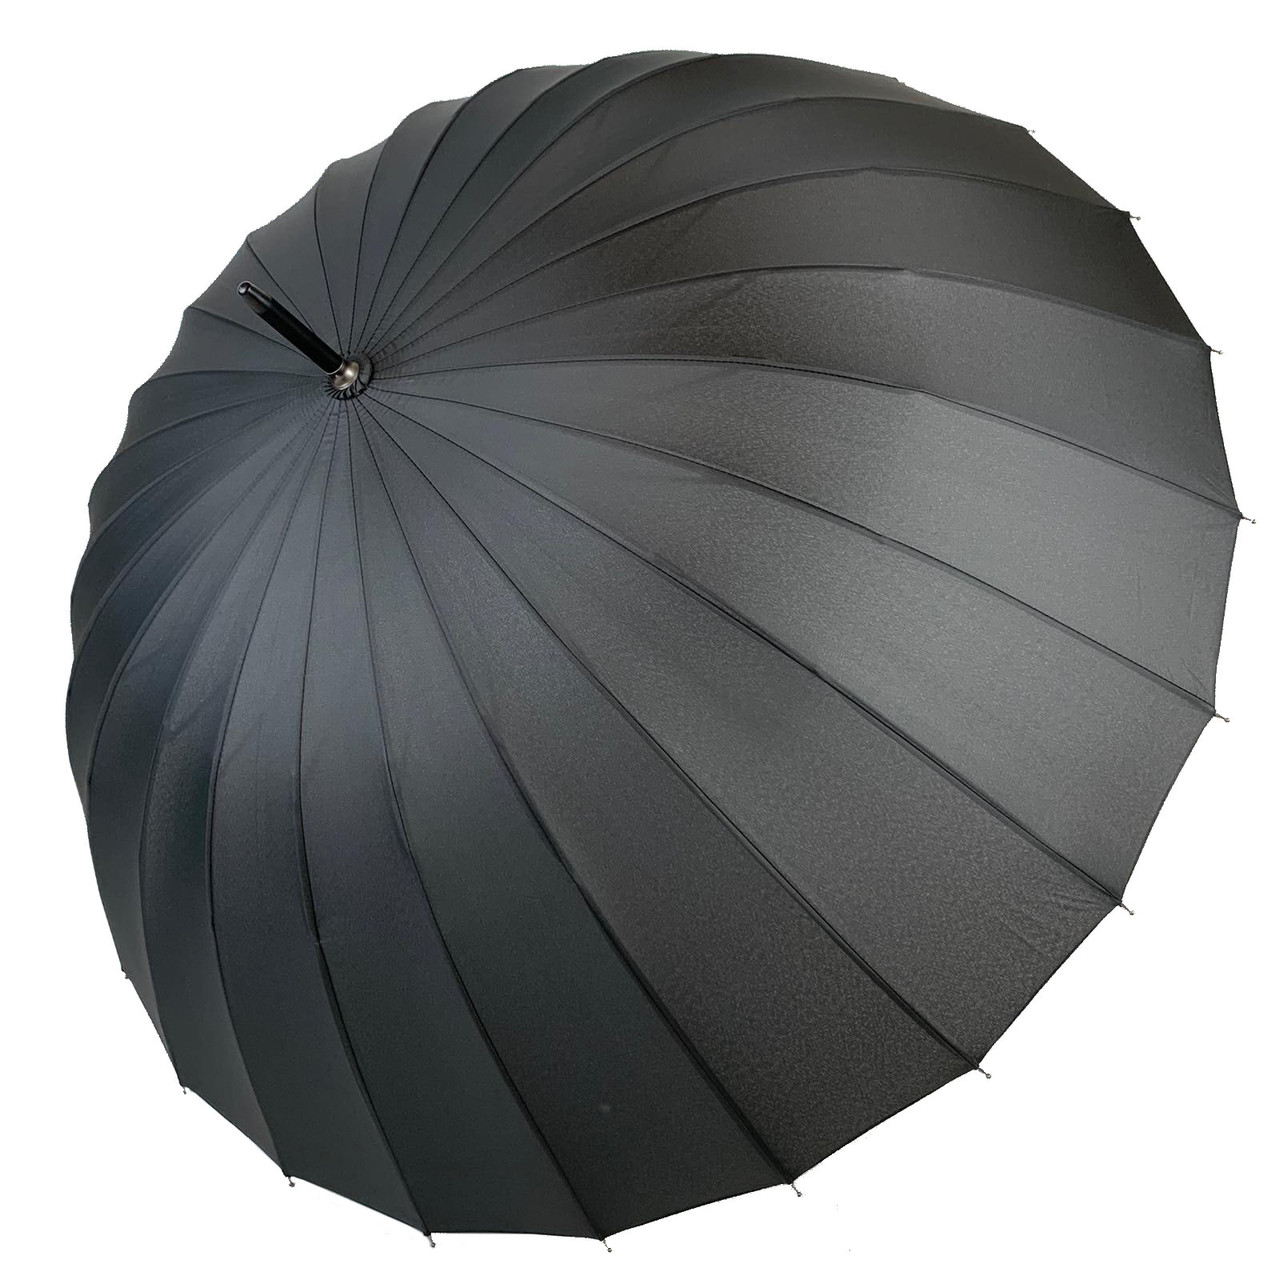 Механічний чоловічий парасольку-тростину на 24 спиці від MAX, чорний, 611-1